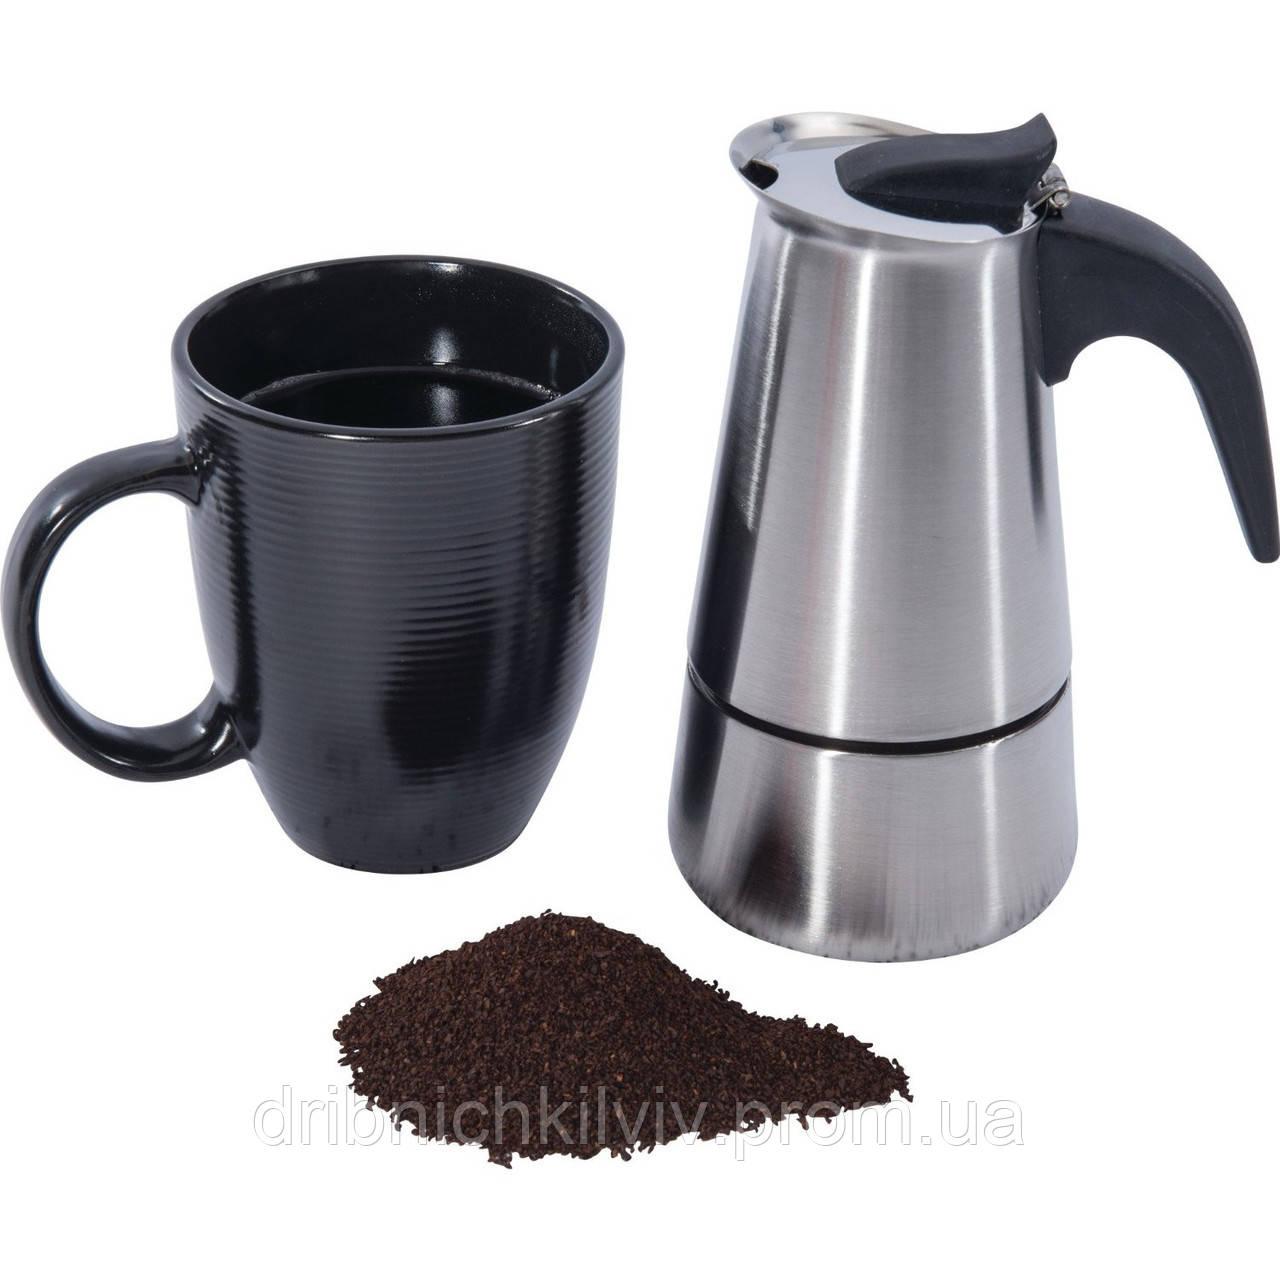 Espresso-maker Кофеварка